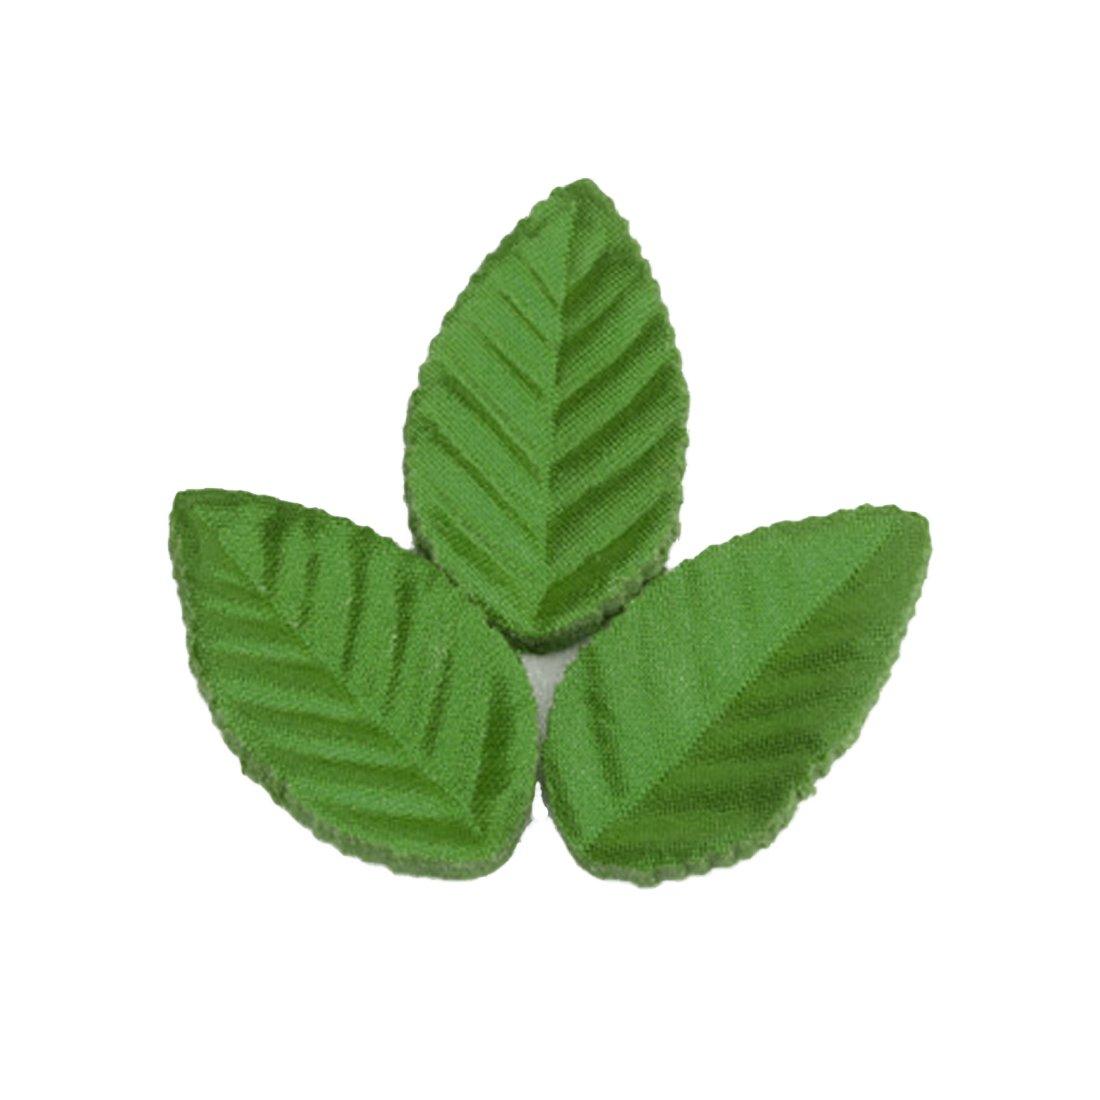 160/pcs Vert de No/ël Feuilles artificielles compatible pour d/écoration de mariage Feuille de rose